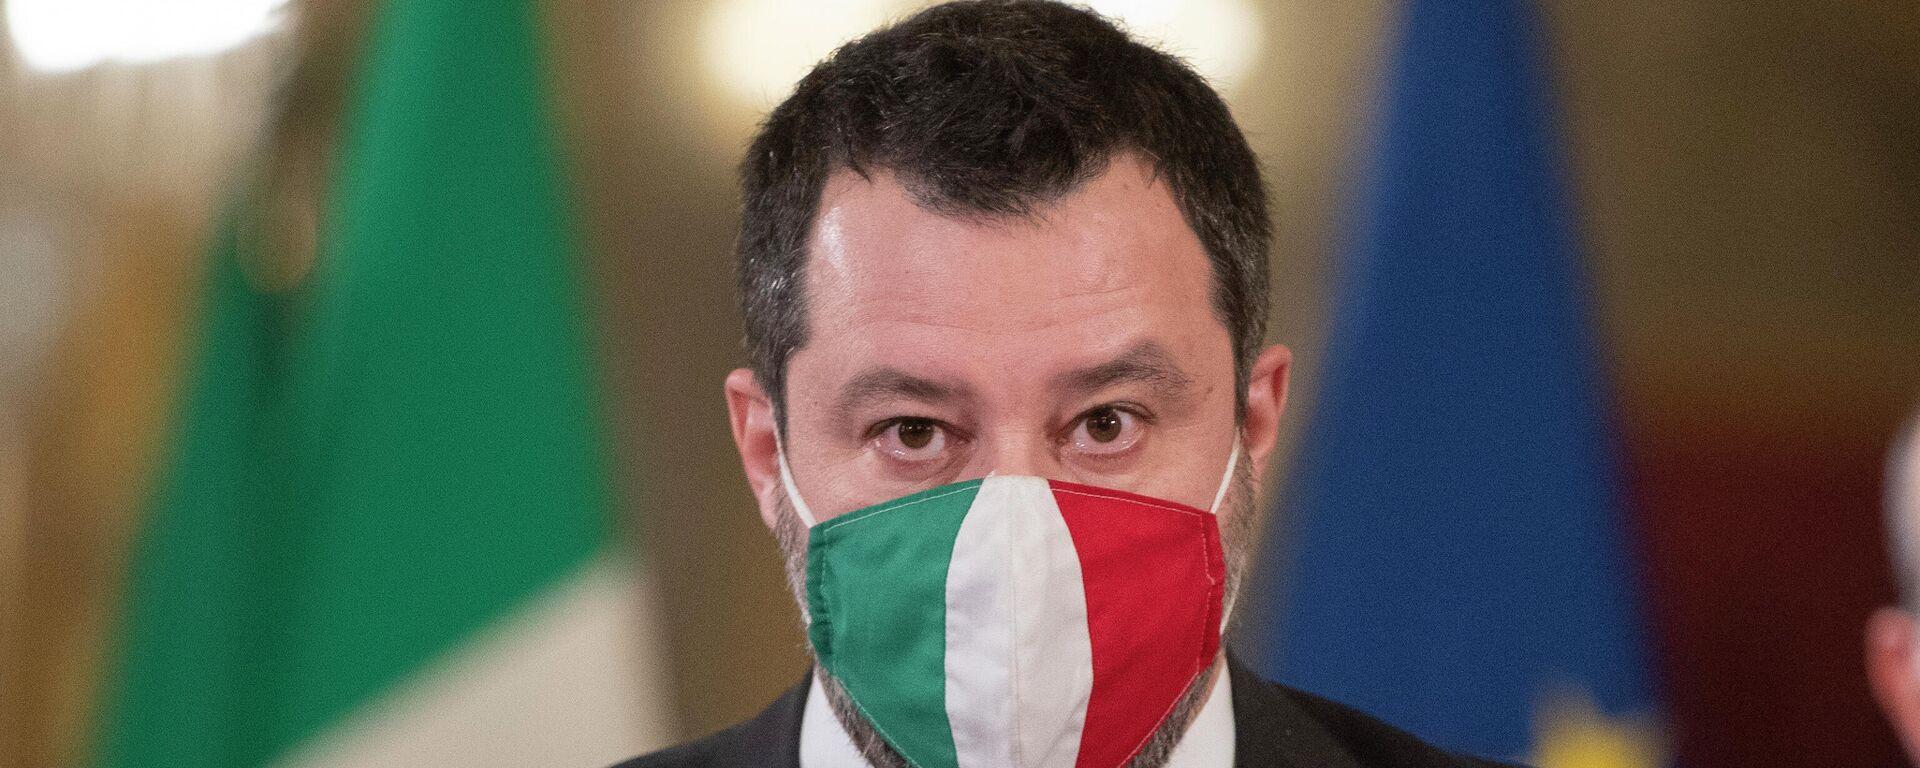 Matteo Salvini - SNA, 1920, 22.07.2021